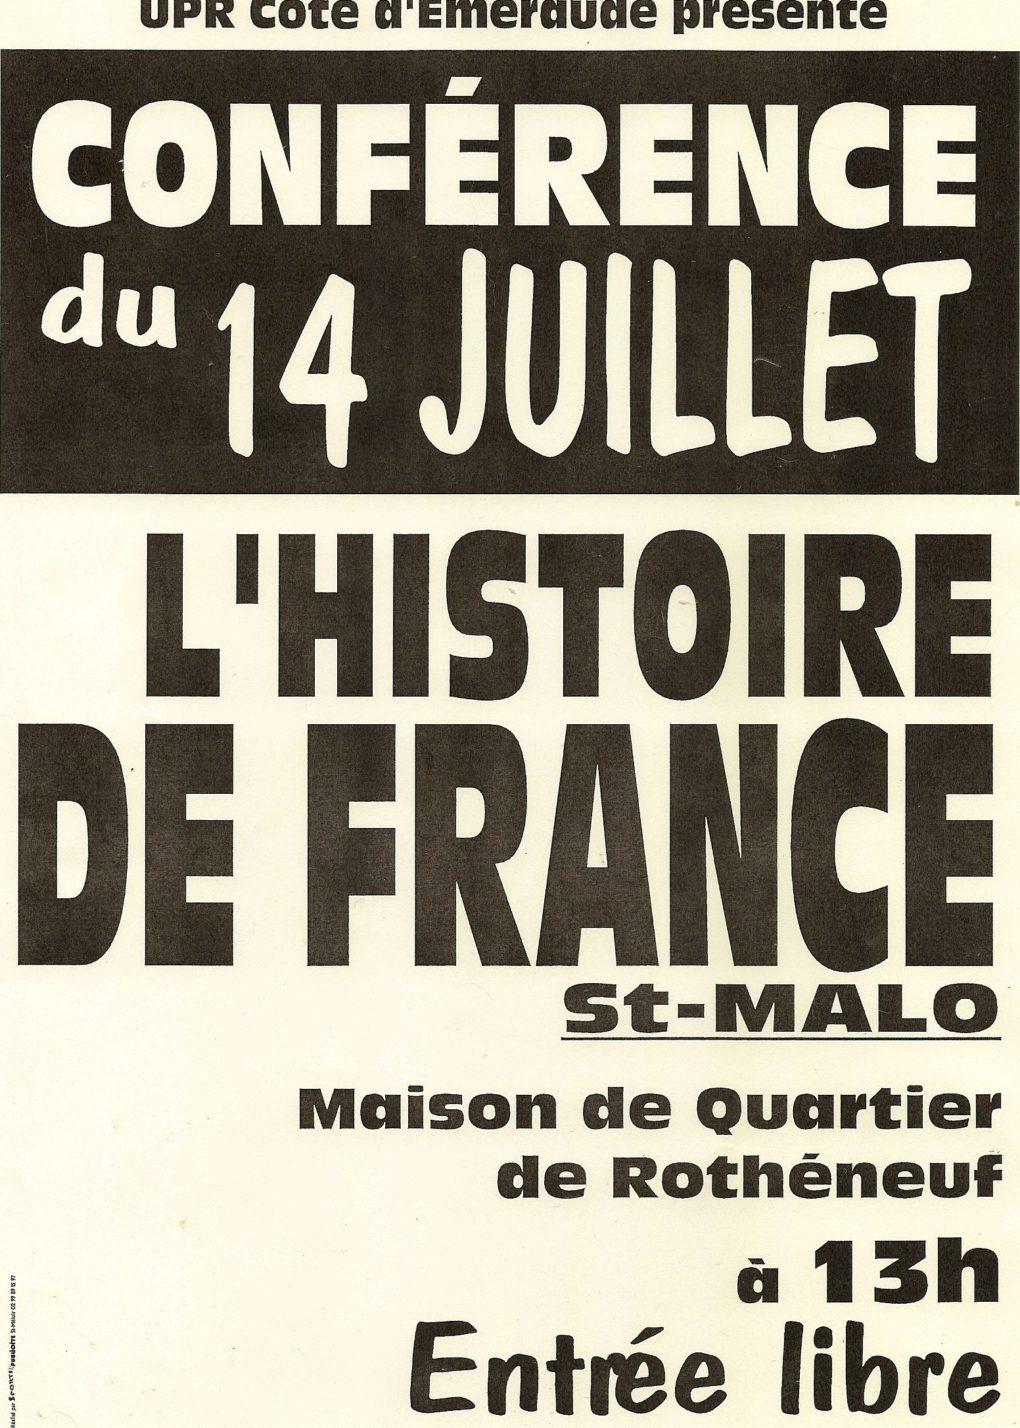 Saint-Malo : François Asselineau, conférence du Président Fondateur de L'UPR